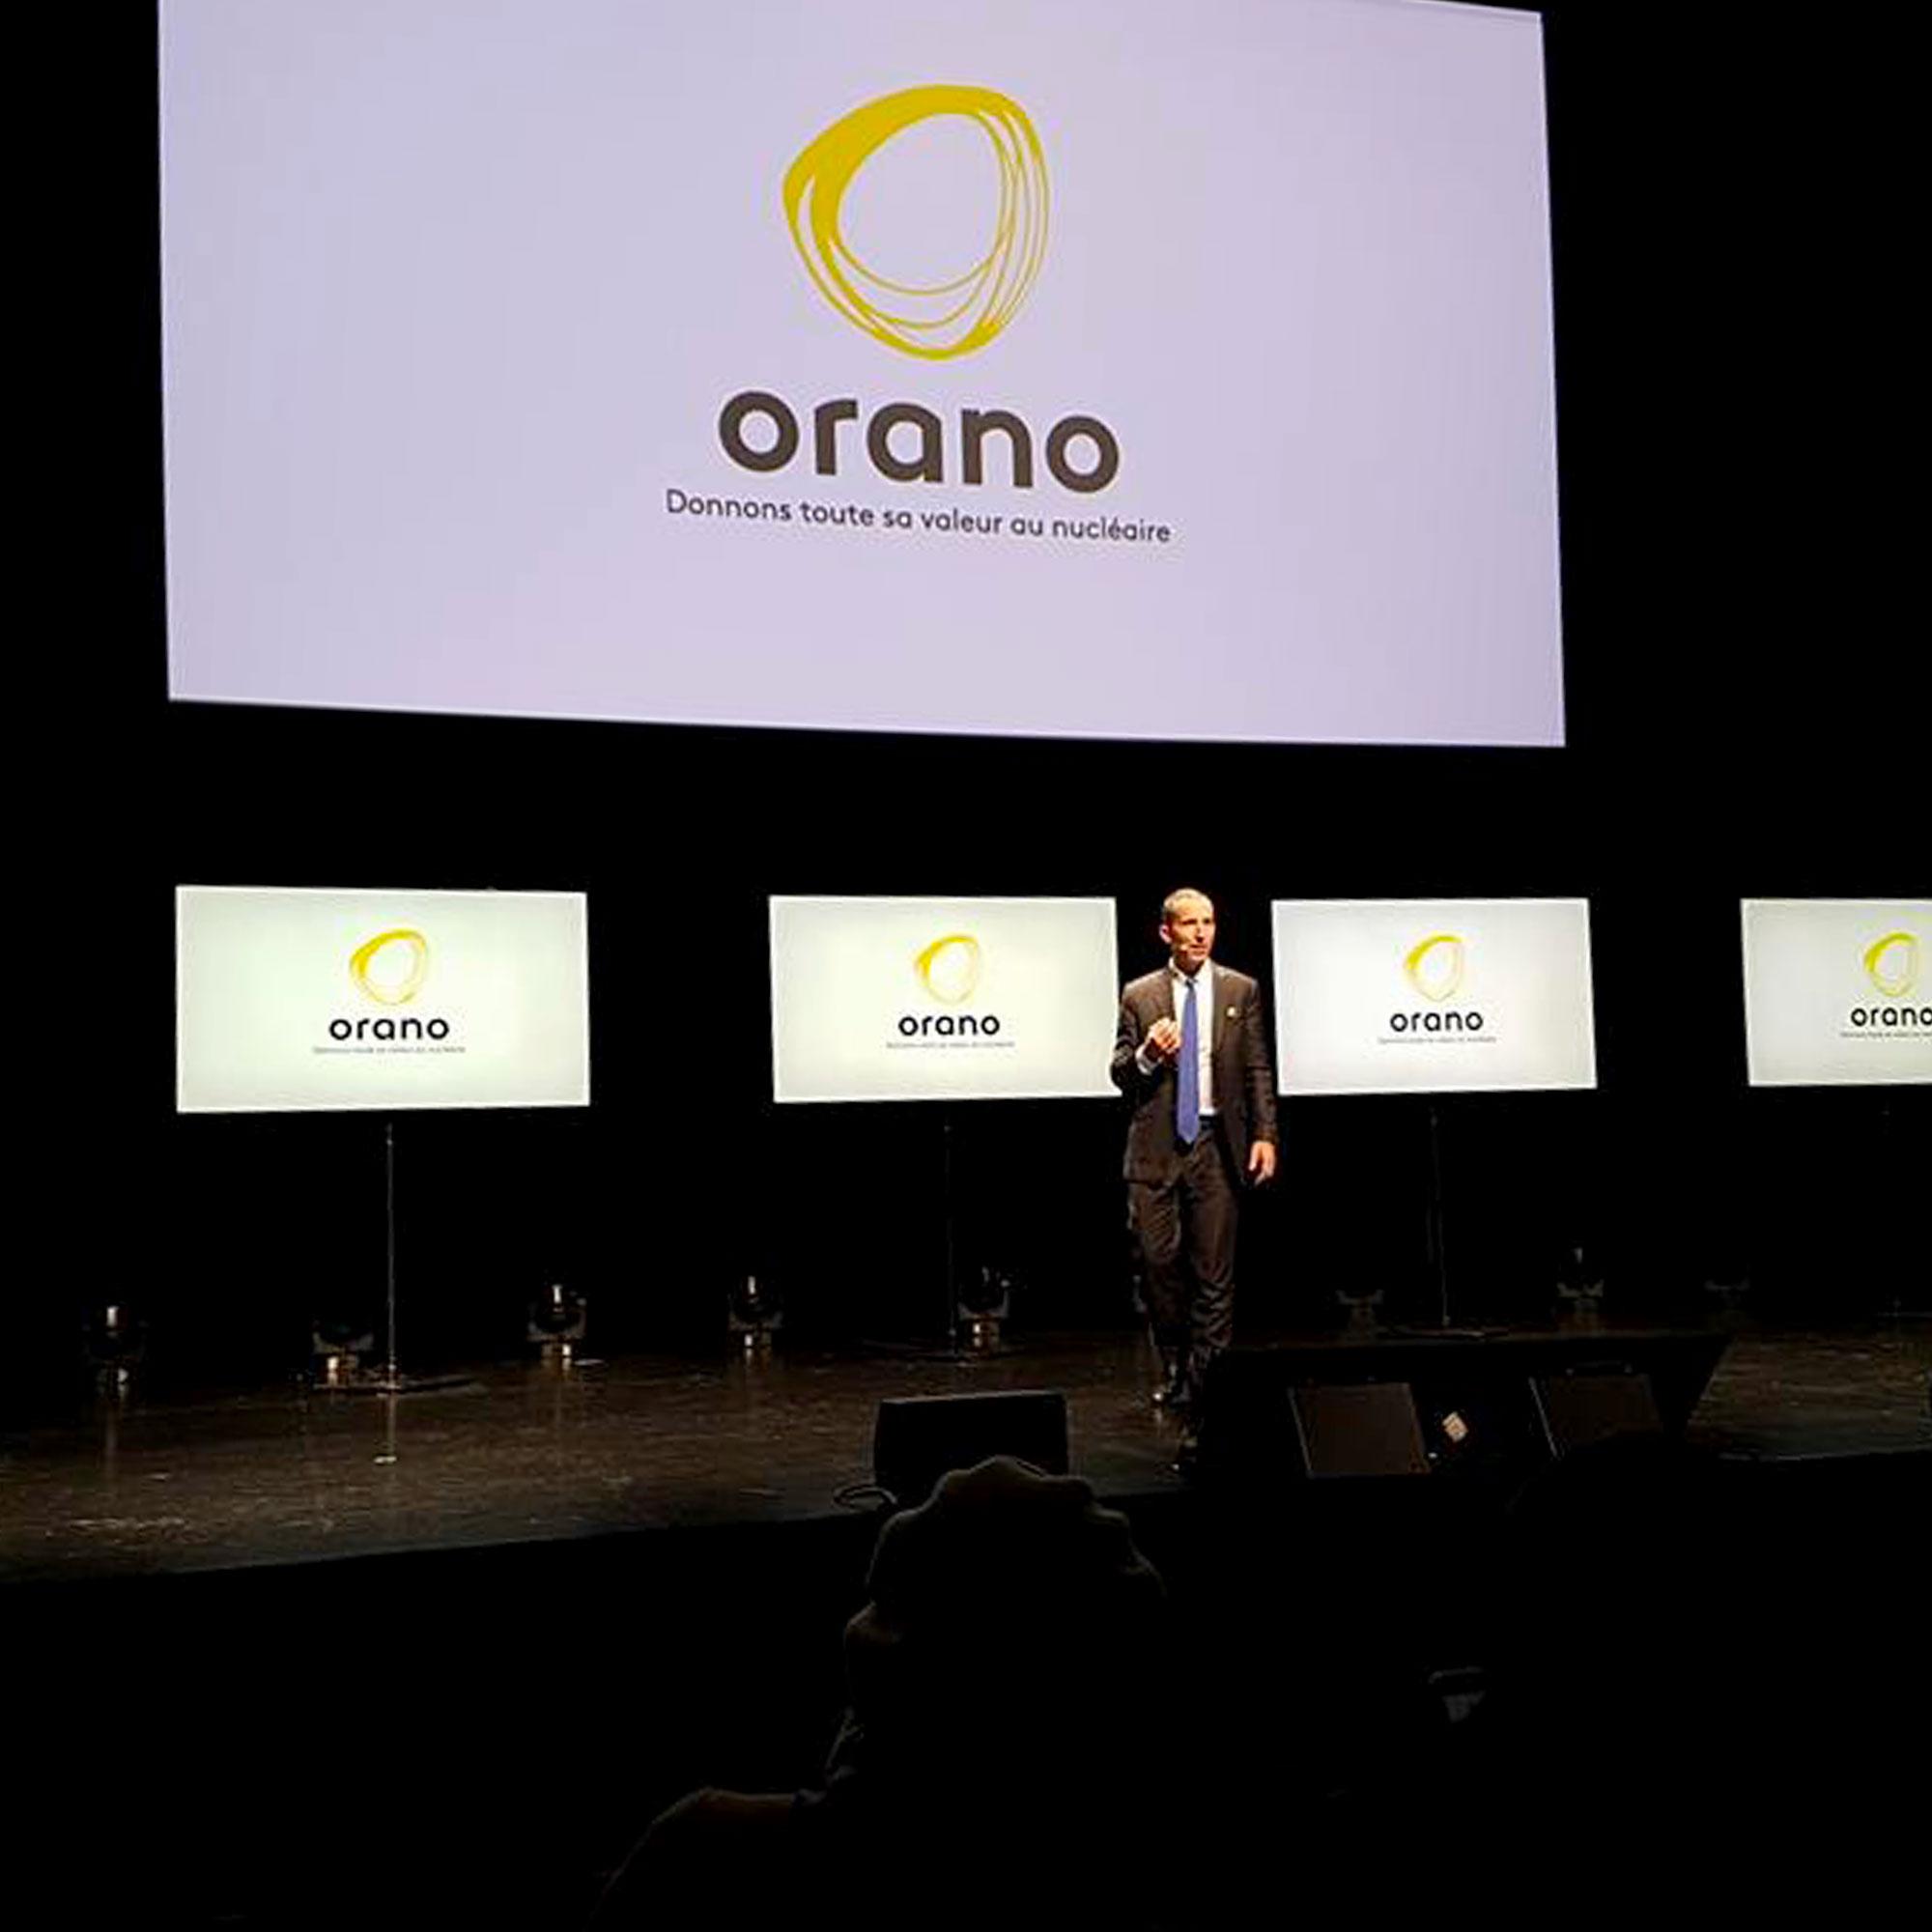 Areva becomes orano